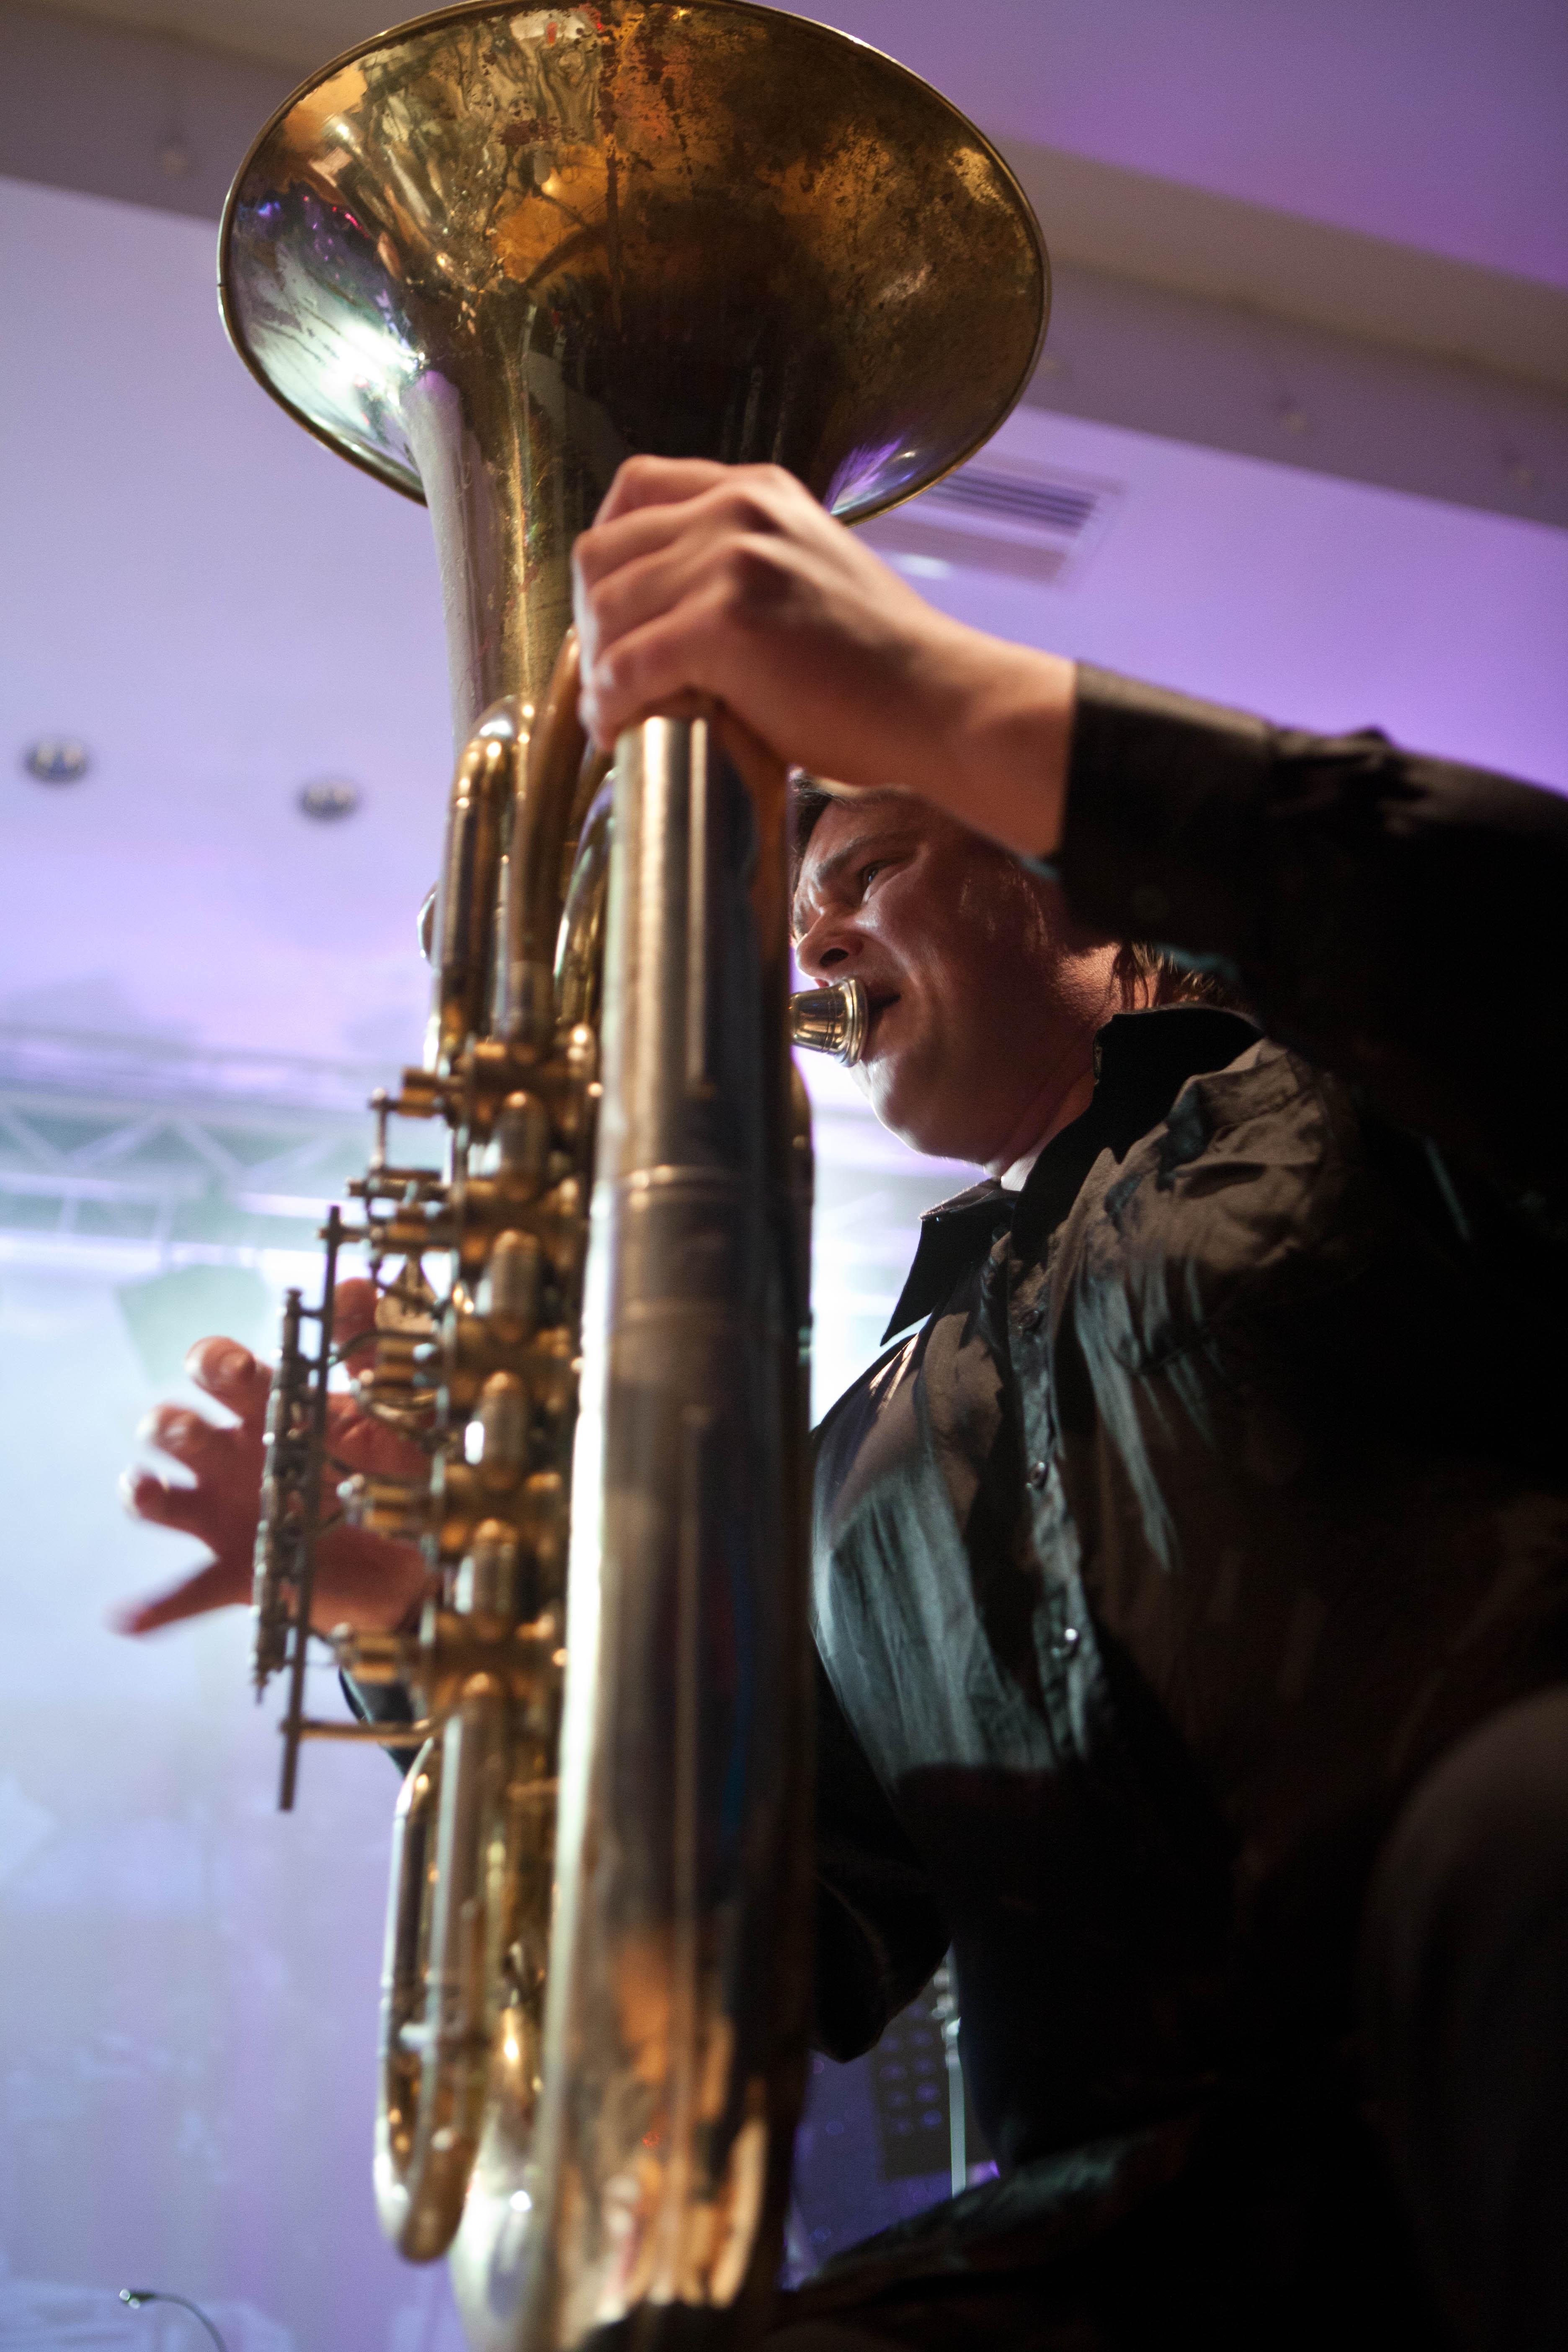 fot. Marta Ignatowicz www.martaignatowicz.com